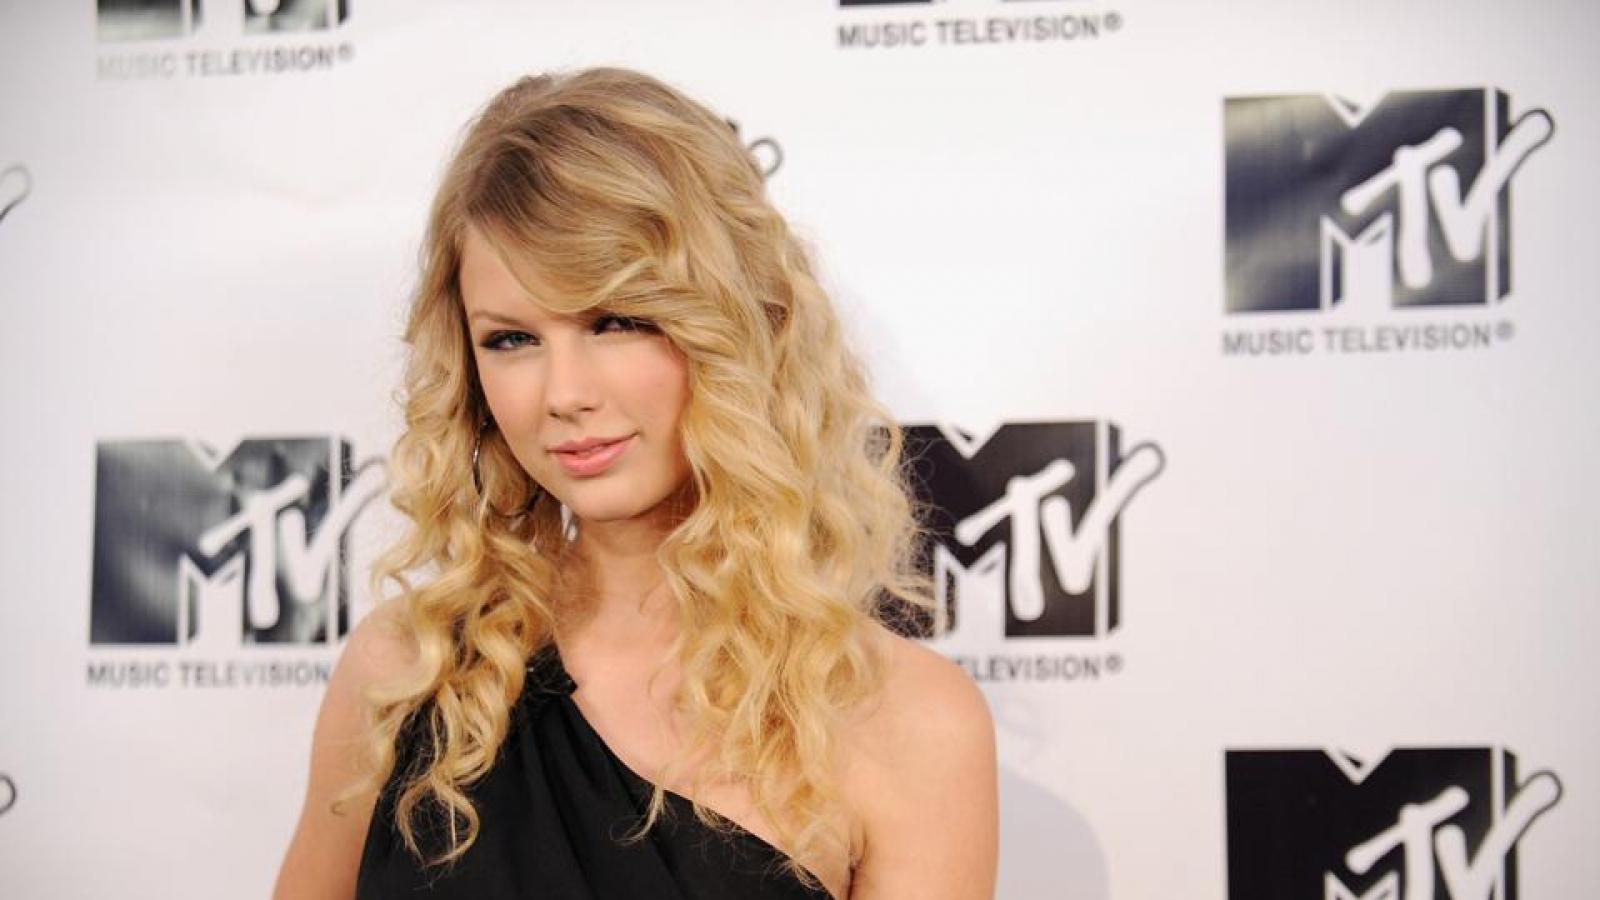 Album mới của Taylor Swift thống trị bảng xếp hạng Spotify